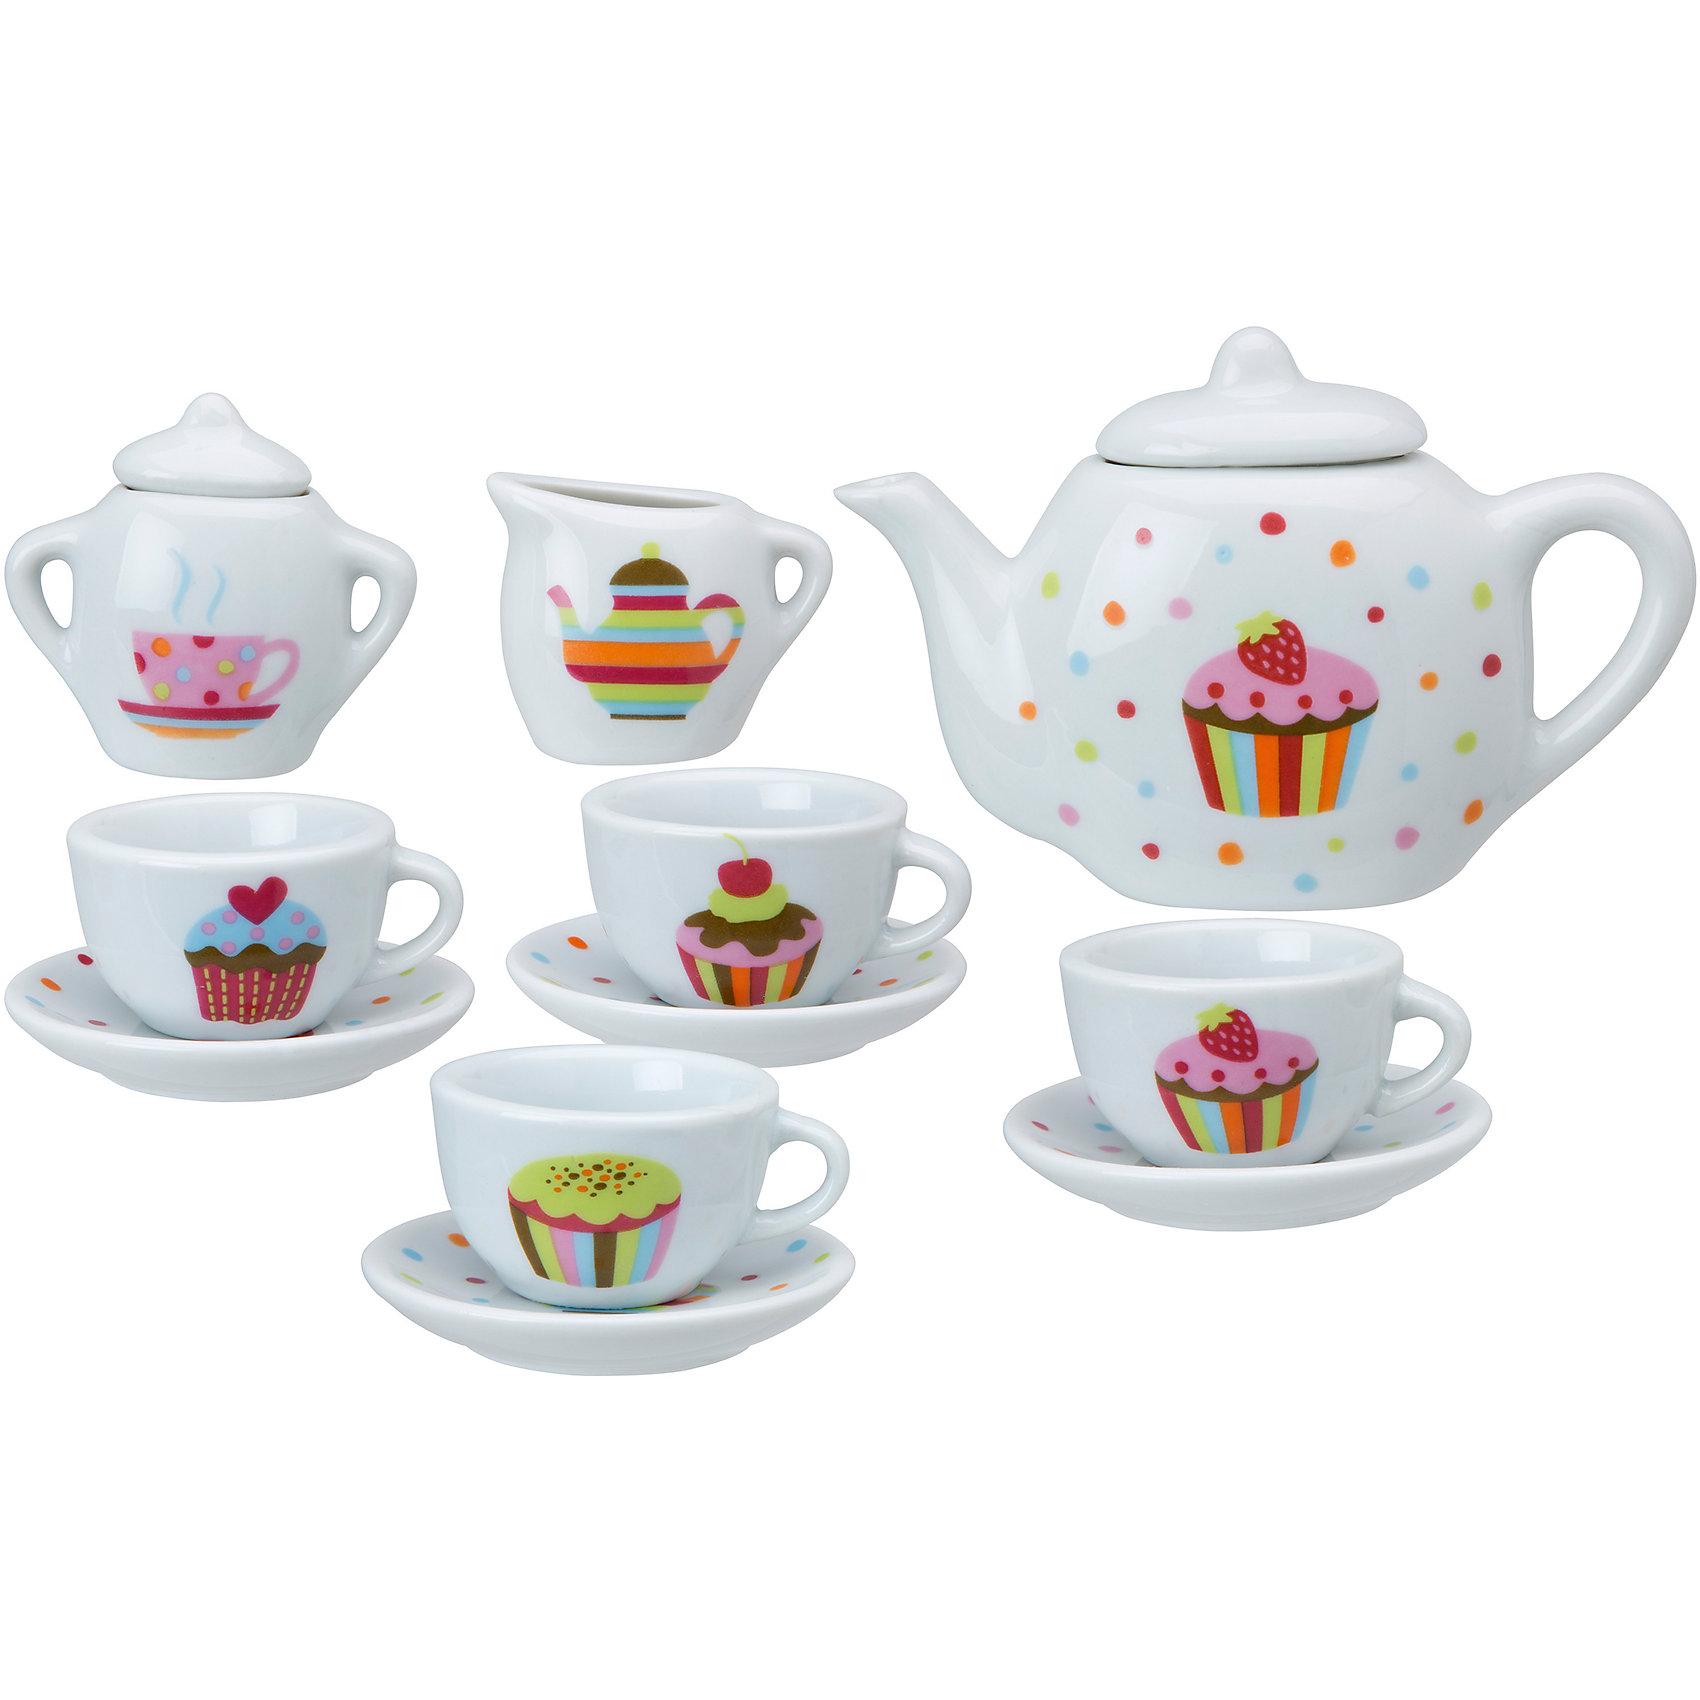 Чайный сервиз Тортик, 13 предметов, ALEXПосуда и аксессуары для детской кухни<br>Чайный сервиз от Алекс из 13 предметов сделан из высококачественной керамики. Набор отличает классический стильный дизайн и очаровательный декор в виде кексов. В комплект входят 4 чашки, 4 блюдца, чайник с крышкой, сахарница с крышкой и кувшинчик для сливок.<br><br>Дополнительная информация:<br><br>Размер упаковки: 25, 4 х 21 х 5 см<br>Материал: керамика<br><br>Чайный сервиз Тортик, 13 предметов, ALEX (Алекс) можно купить в нашем магазине.<br><br>Ширина мм: 250<br>Глубина мм: 210<br>Высота мм: 50<br>Вес г: 950<br>Возраст от месяцев: 36<br>Возраст до месяцев: 96<br>Пол: Женский<br>Возраст: Детский<br>SKU: 4149439